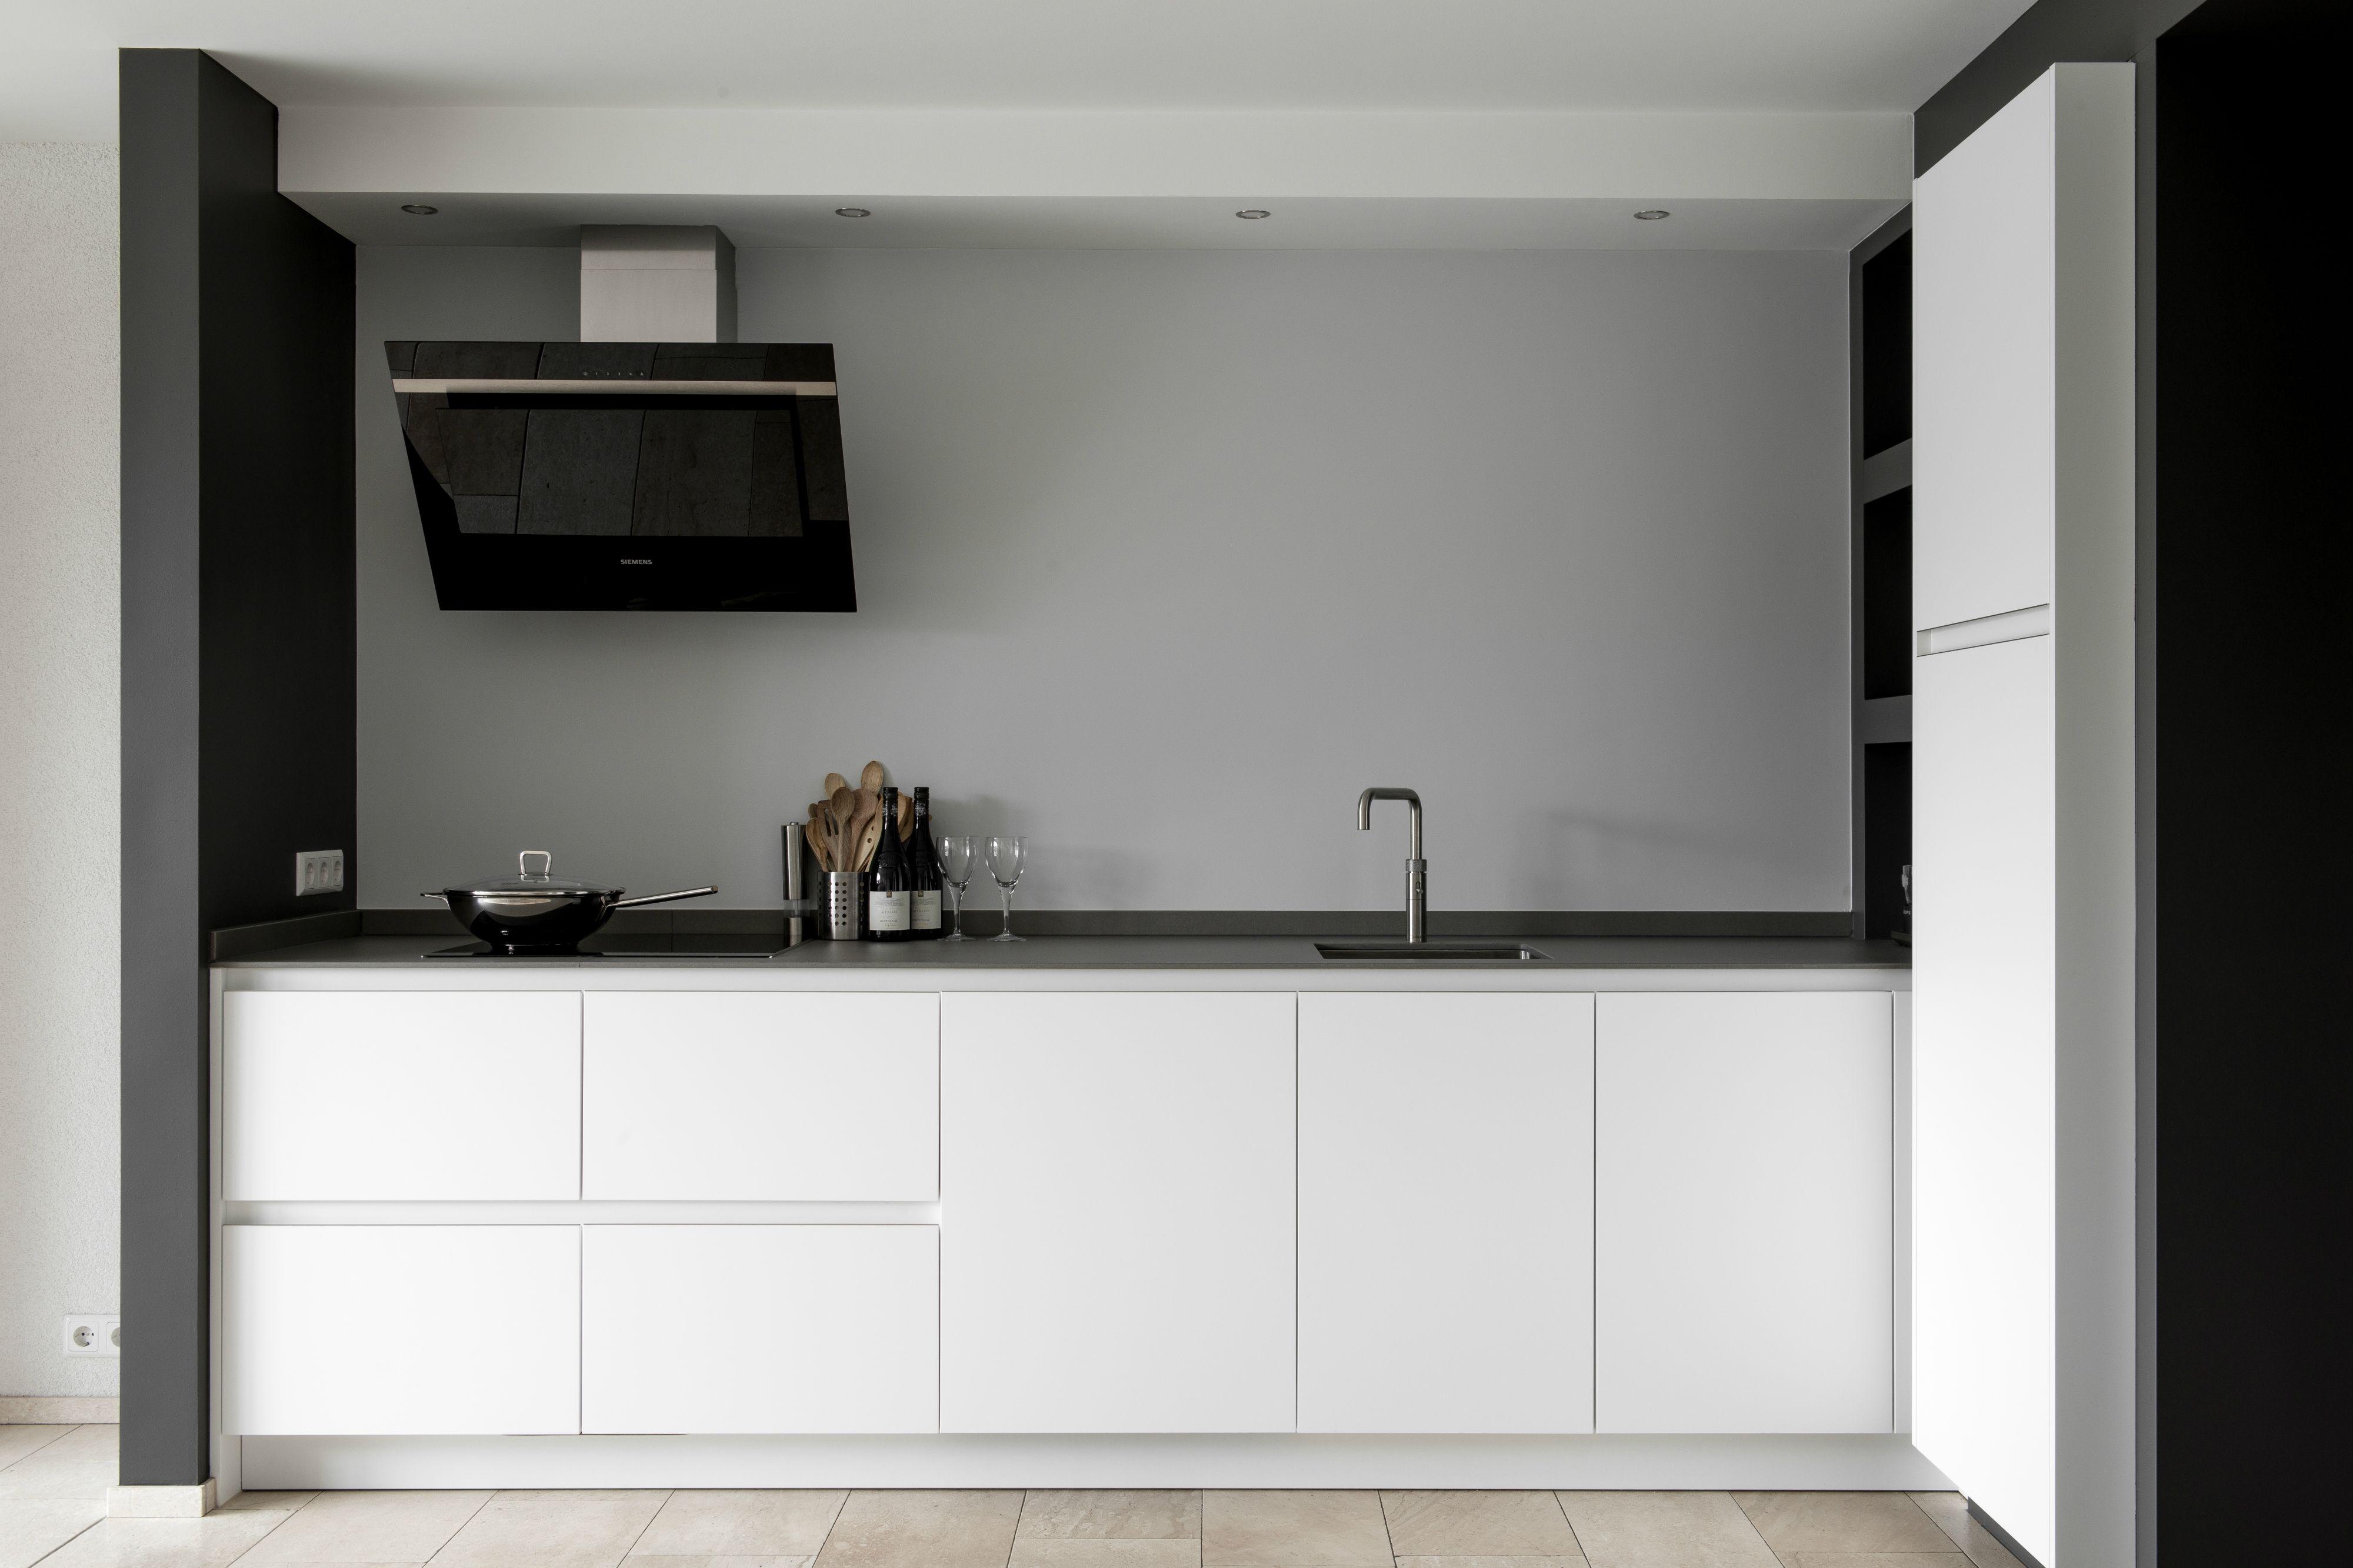 Strakke moderne keuken met siemens apparatuur witte fronten